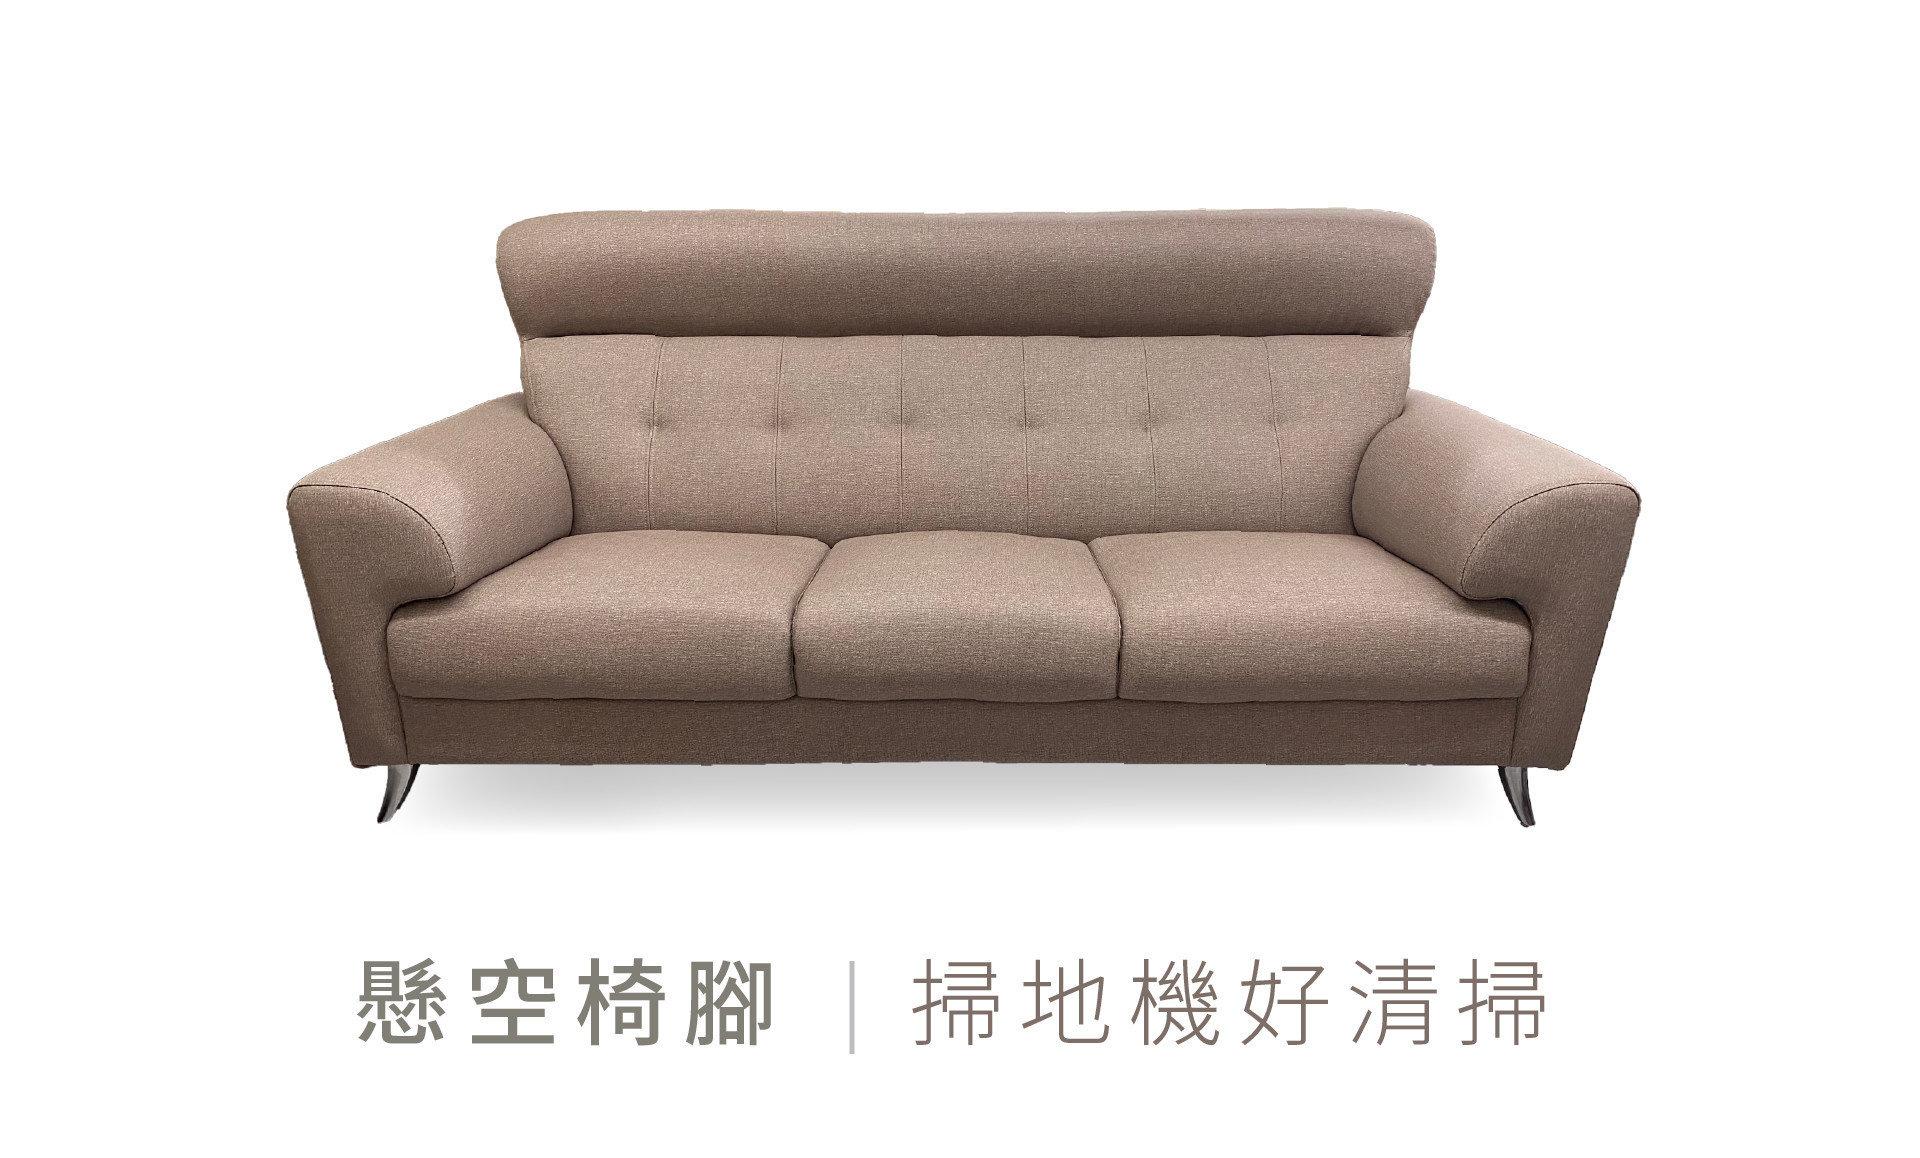 米樂沙發懸空椅腳,好清潔!